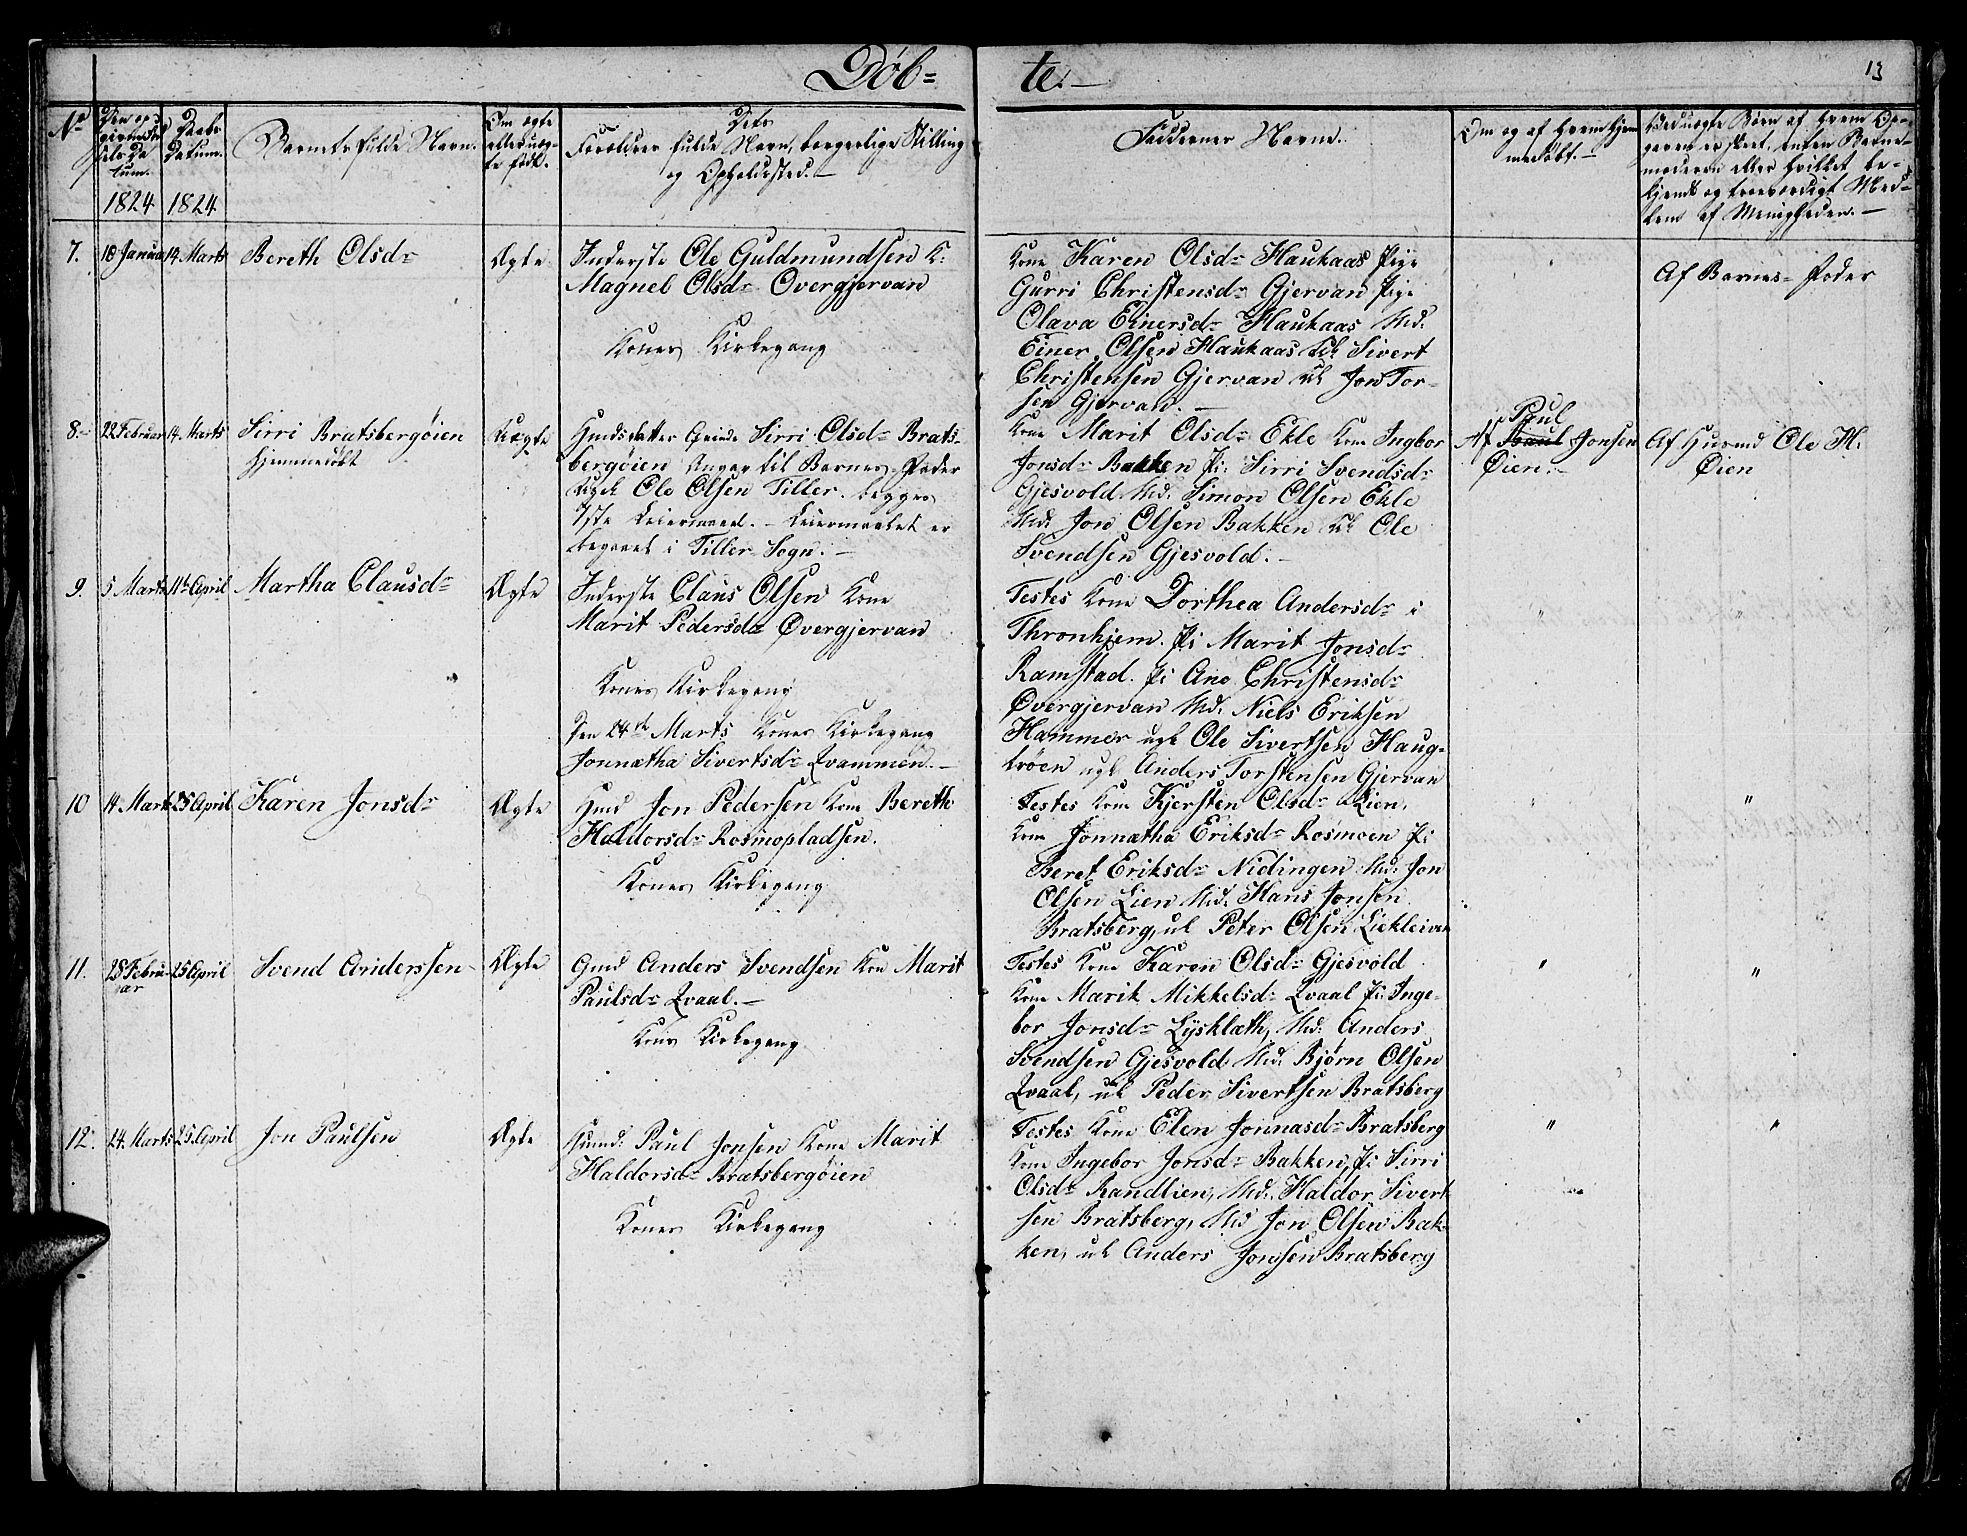 SAT, Ministerialprotokoller, klokkerbøker og fødselsregistre - Sør-Trøndelag, 608/L0337: Klokkerbok nr. 608C03, 1821-1831, s. 13